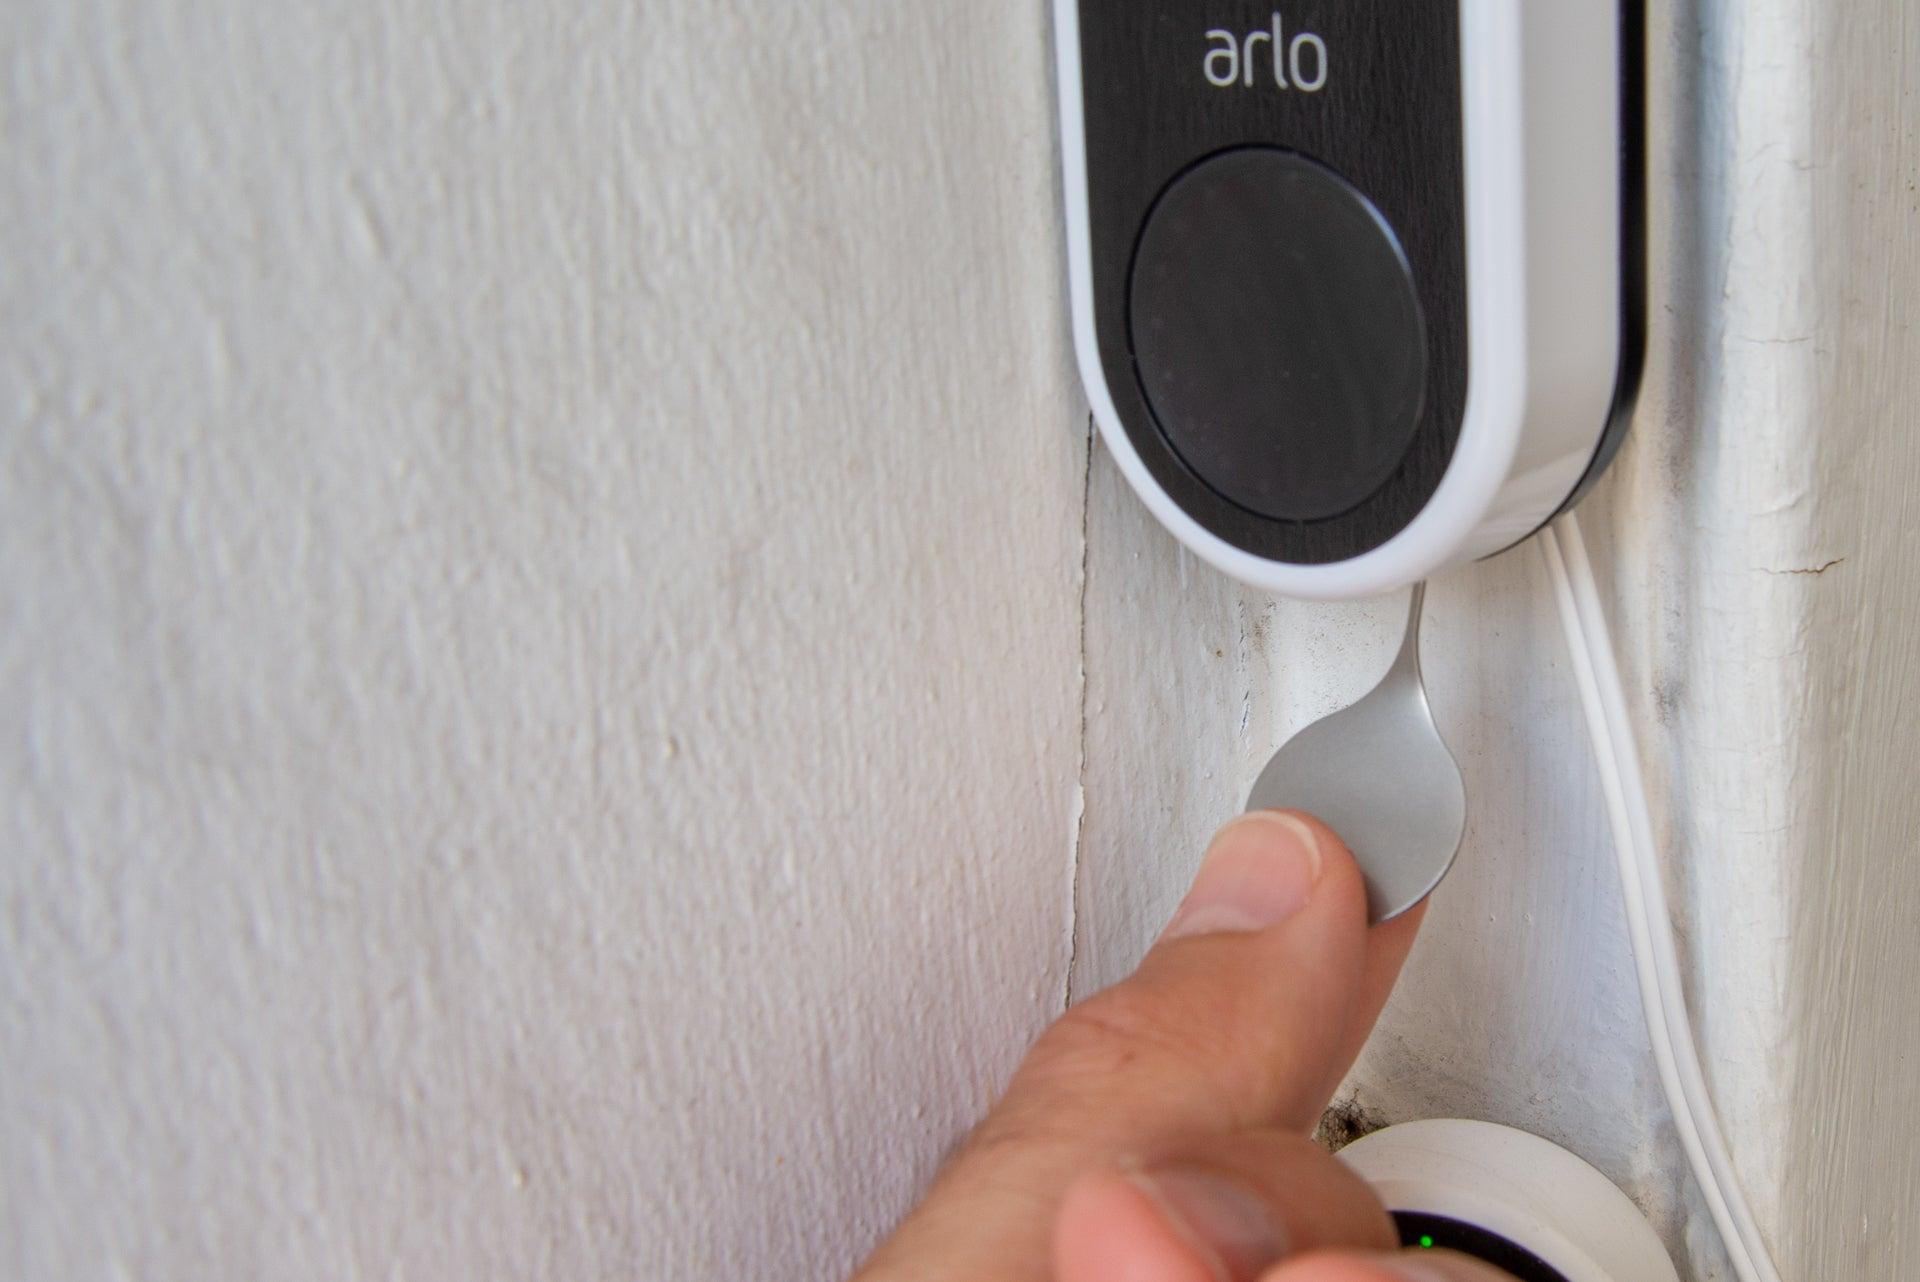 Arlo Video Doorbell release tool